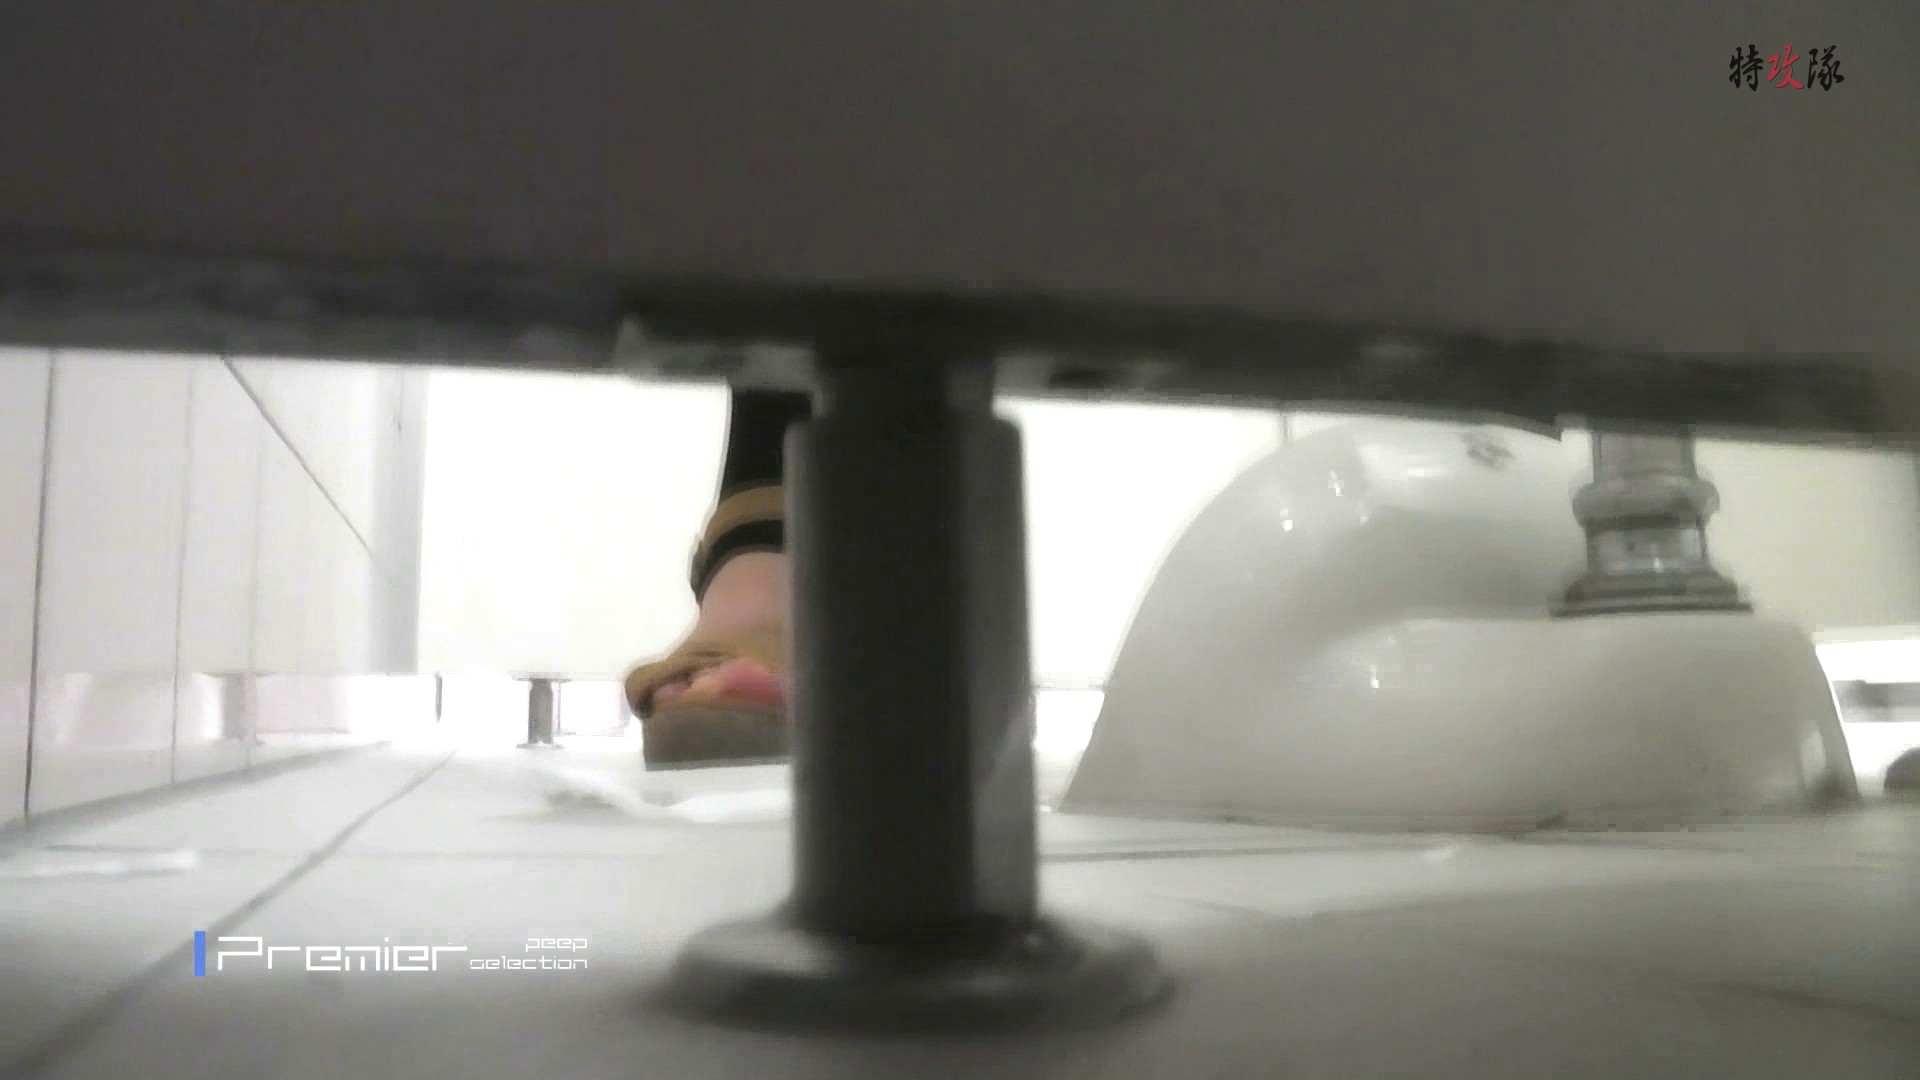 幻14 清楚系女子下半身はジャングル!!撮り師泣かせの密林 トイレ盗撮 洗面所 ヌード画像 48画像 36